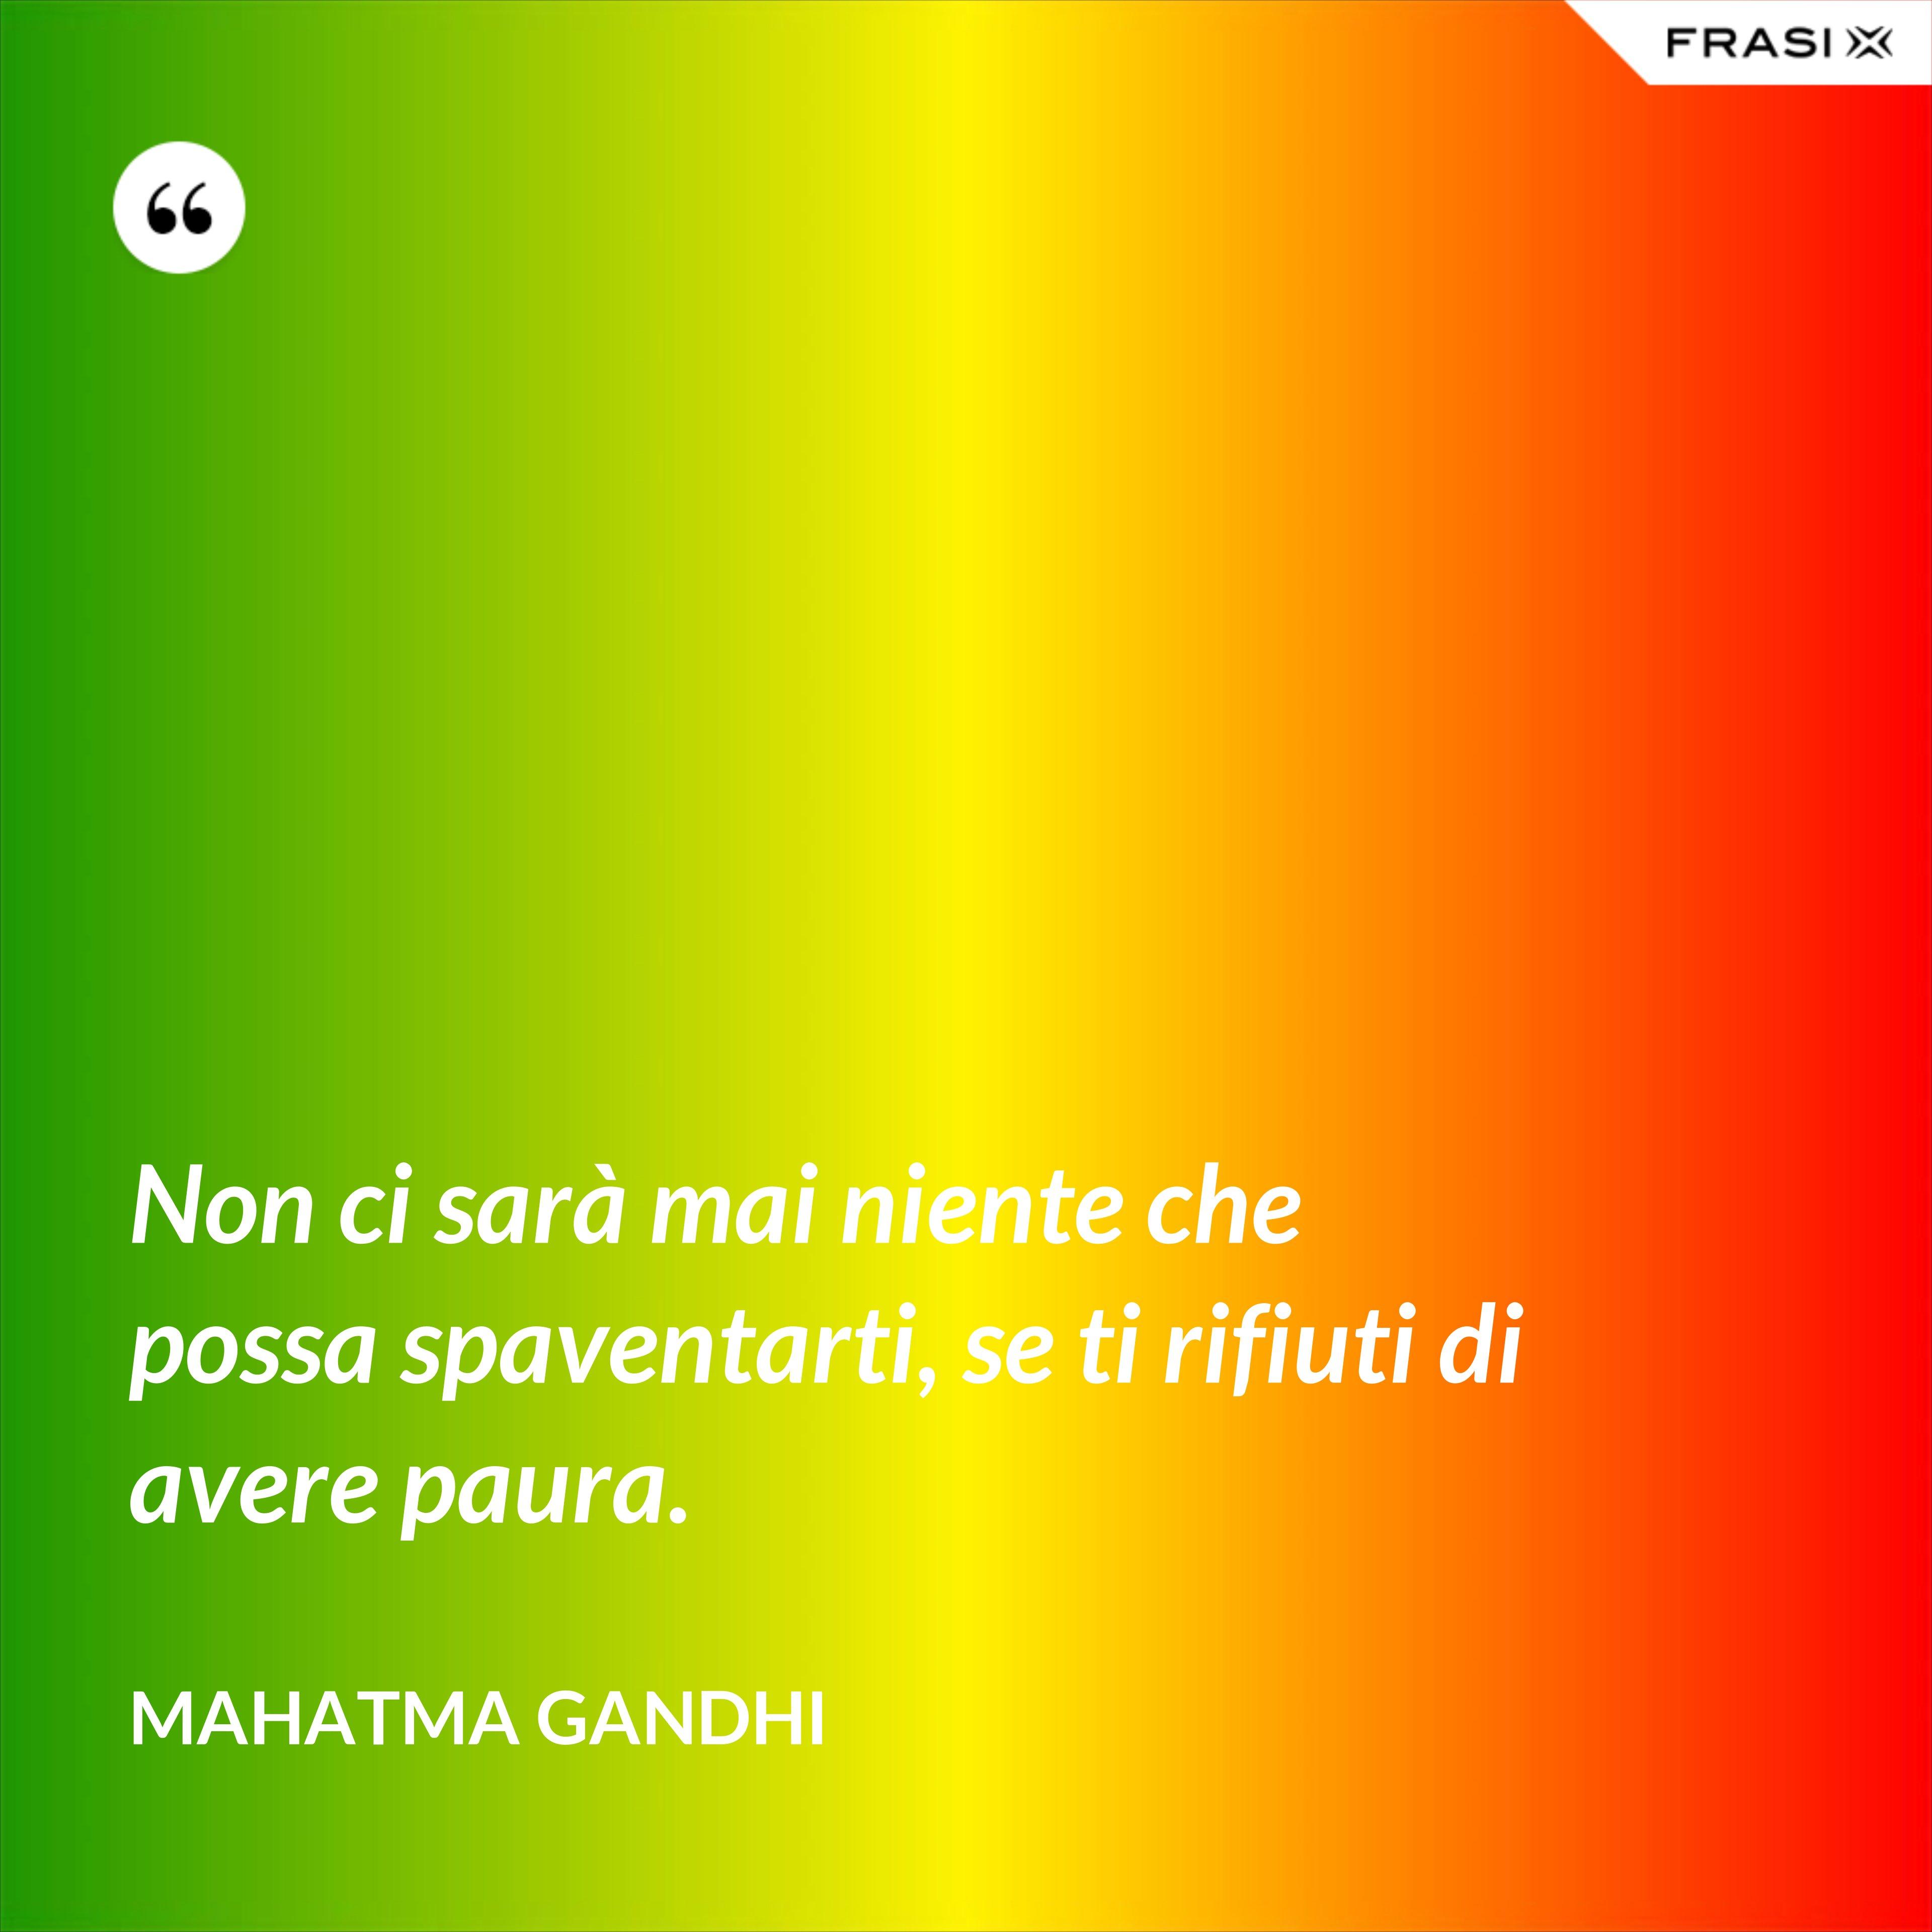 Non ci sarà mai niente che possa spaventarti, se ti rifiuti di avere paura. - Mahatma Gandhi